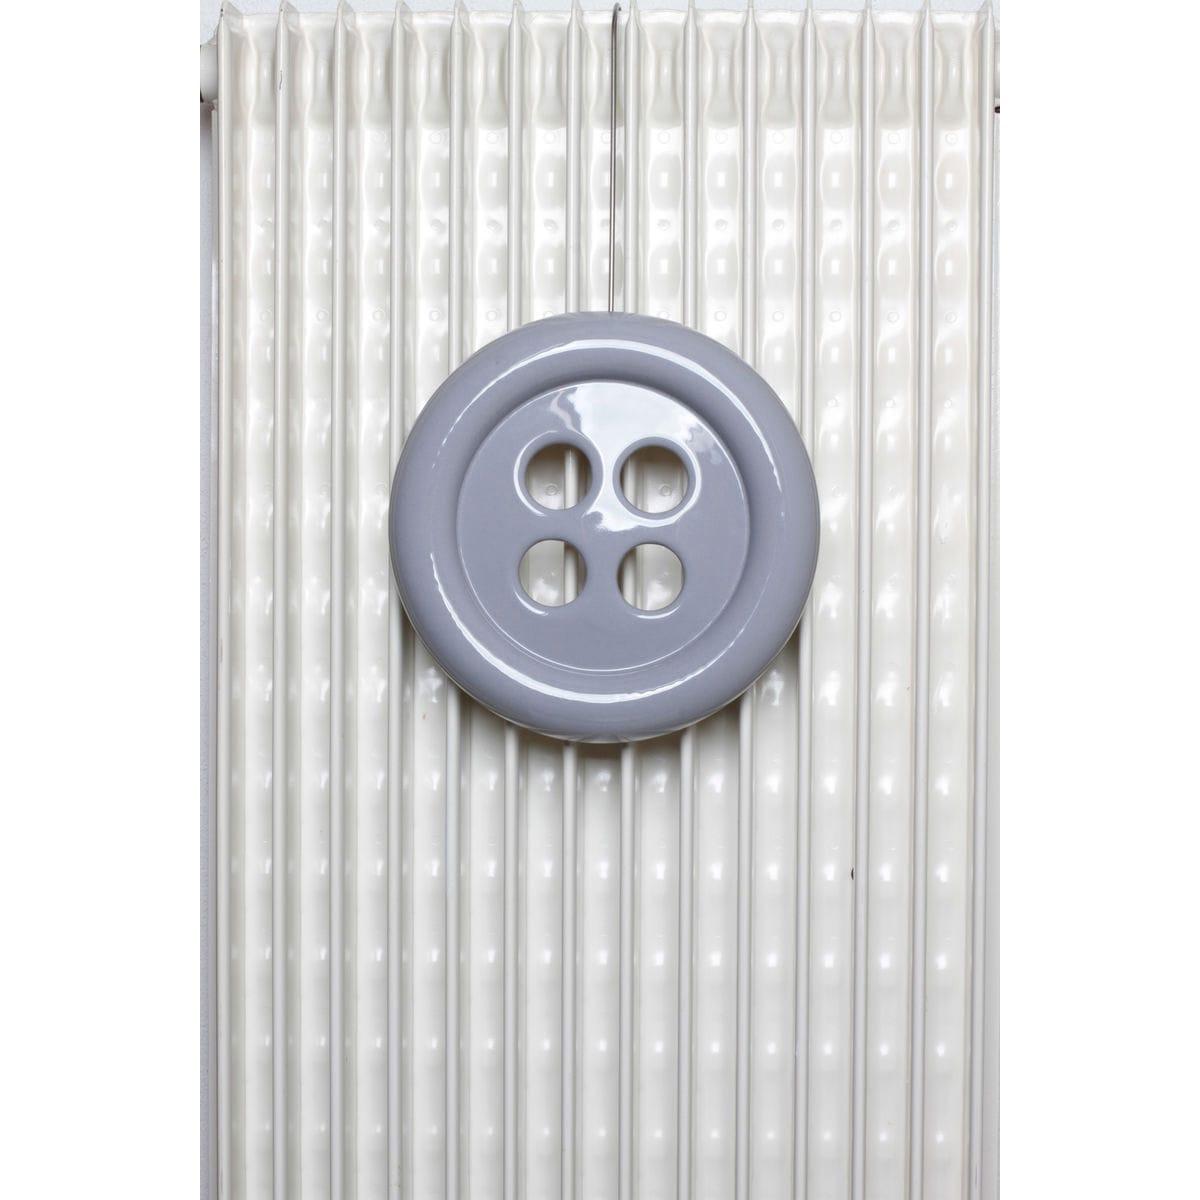 Umidificatore in ceramica a forma di bottone colore grigio chiaro